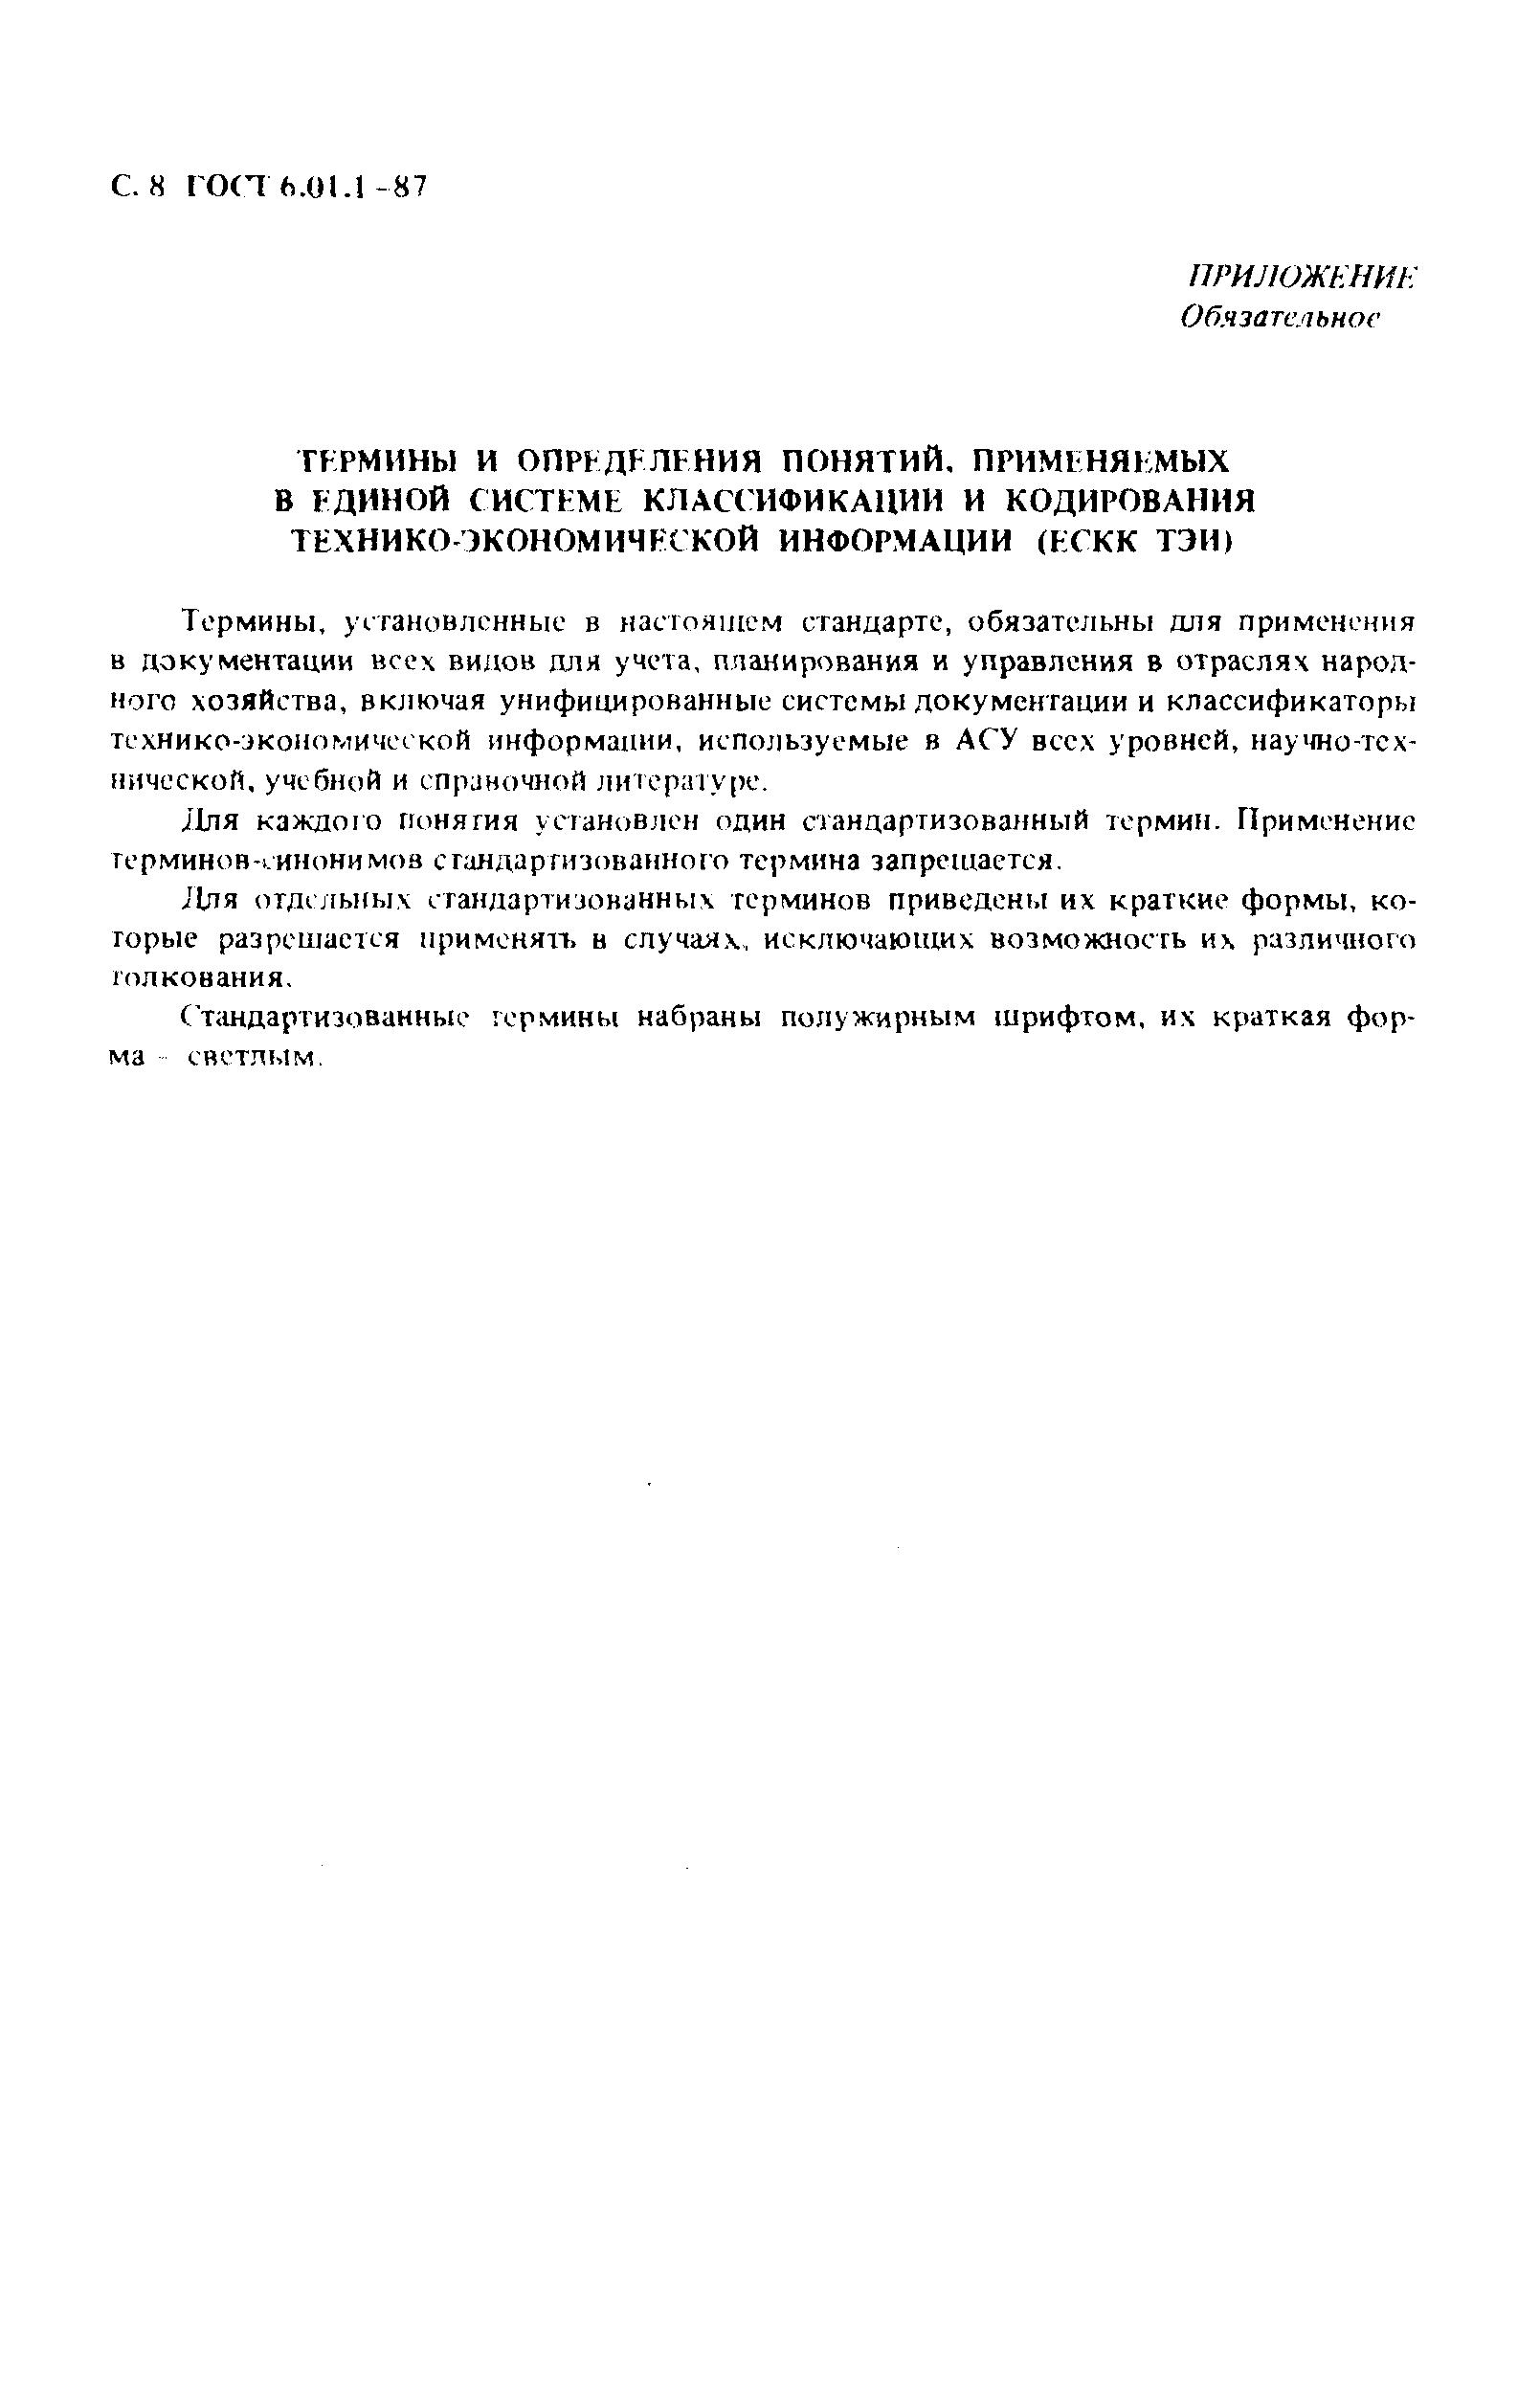 ГОСТ 6.01.1-87. Страница 9